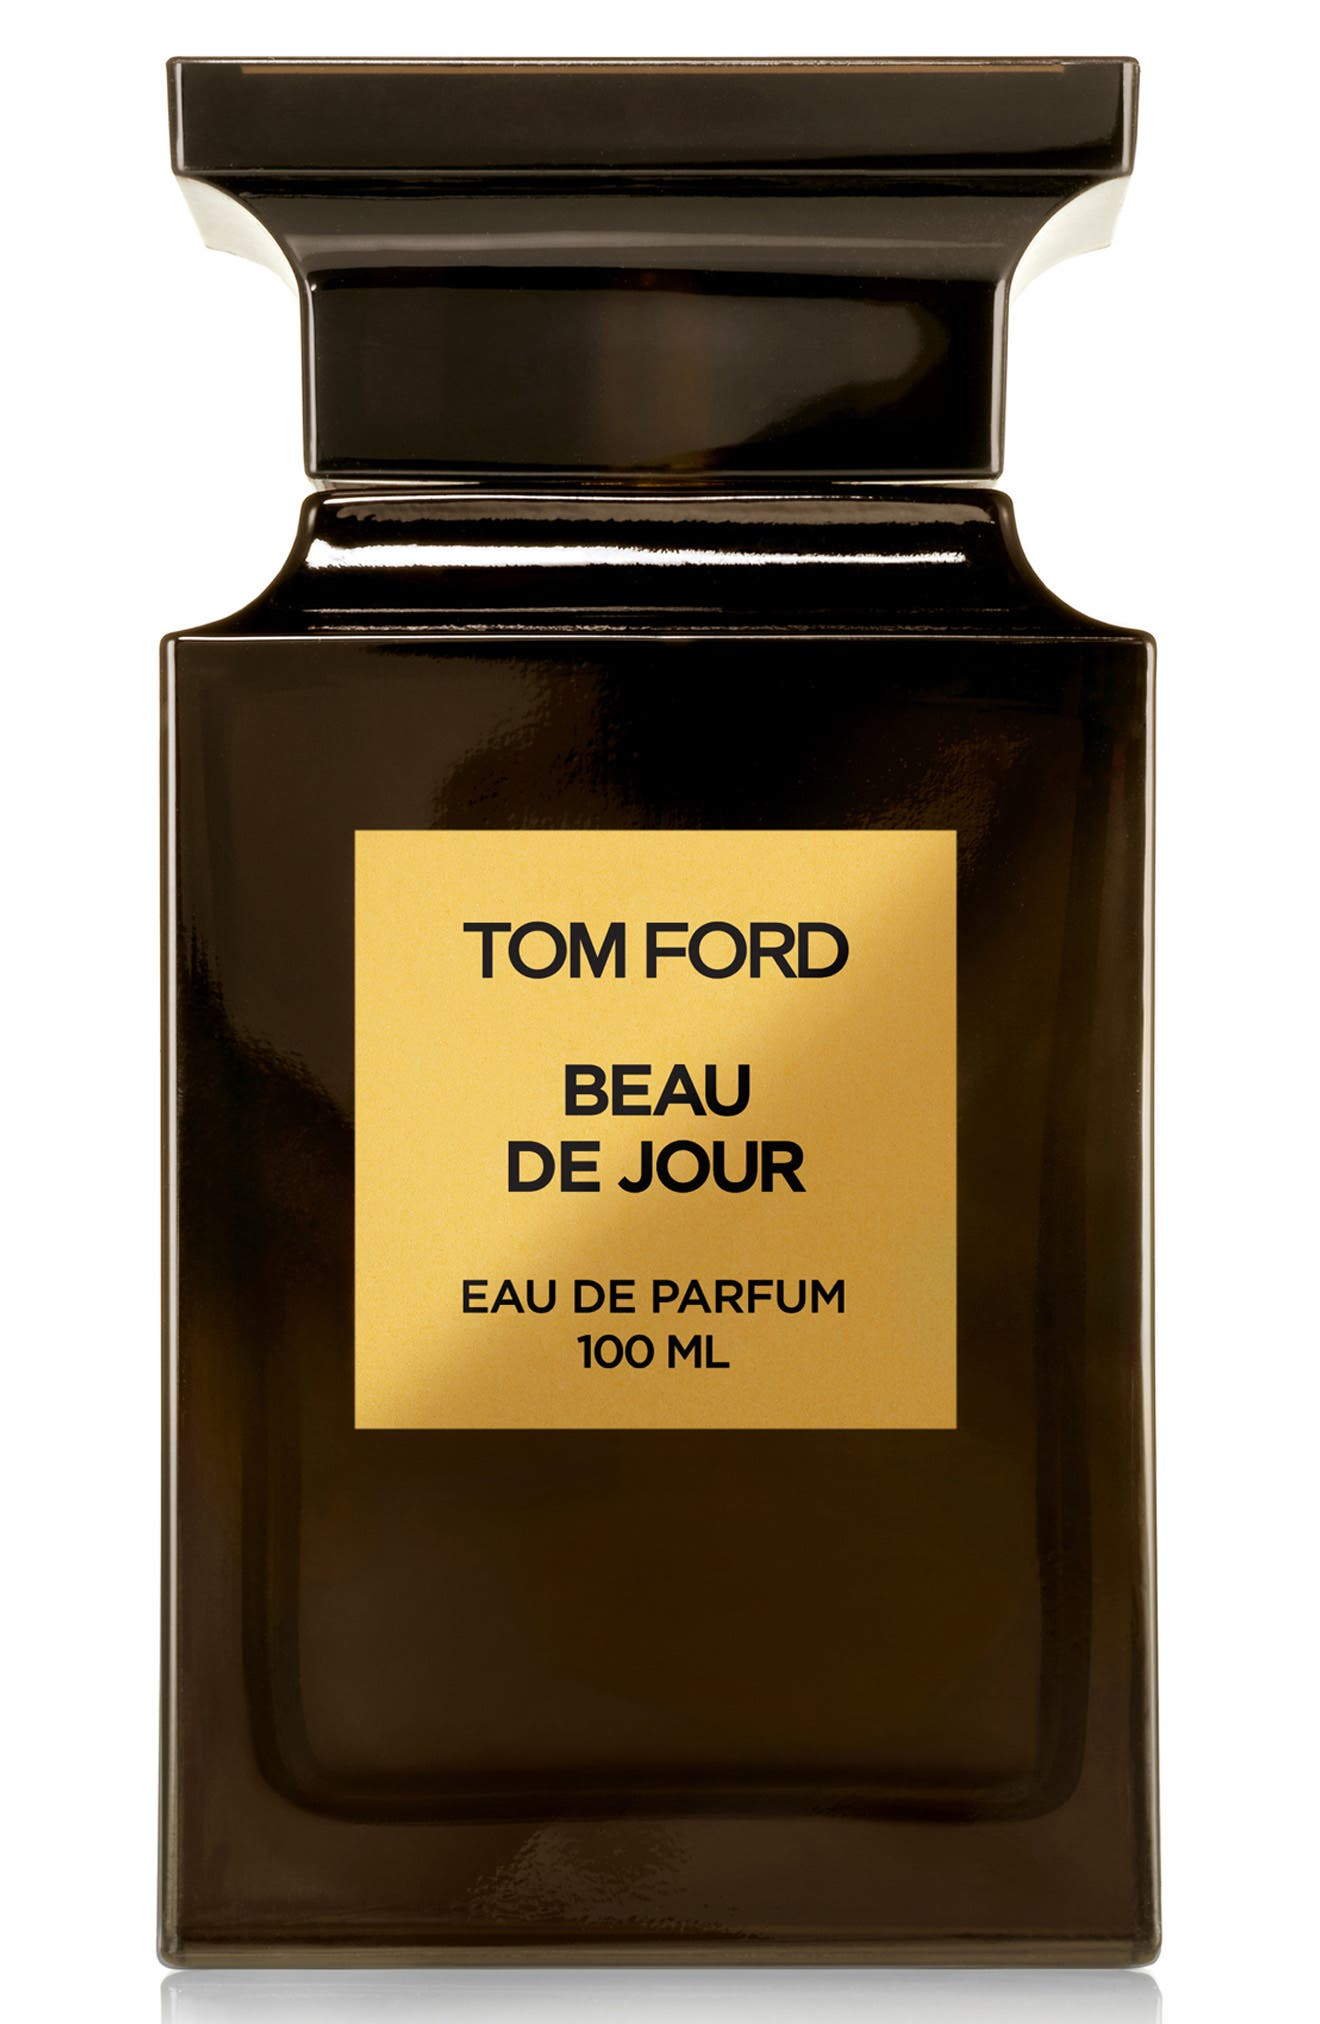 TOM FORD, Beau de Jour Eau de Parfum, Alternate thumbnail 2, color, NO COLOR